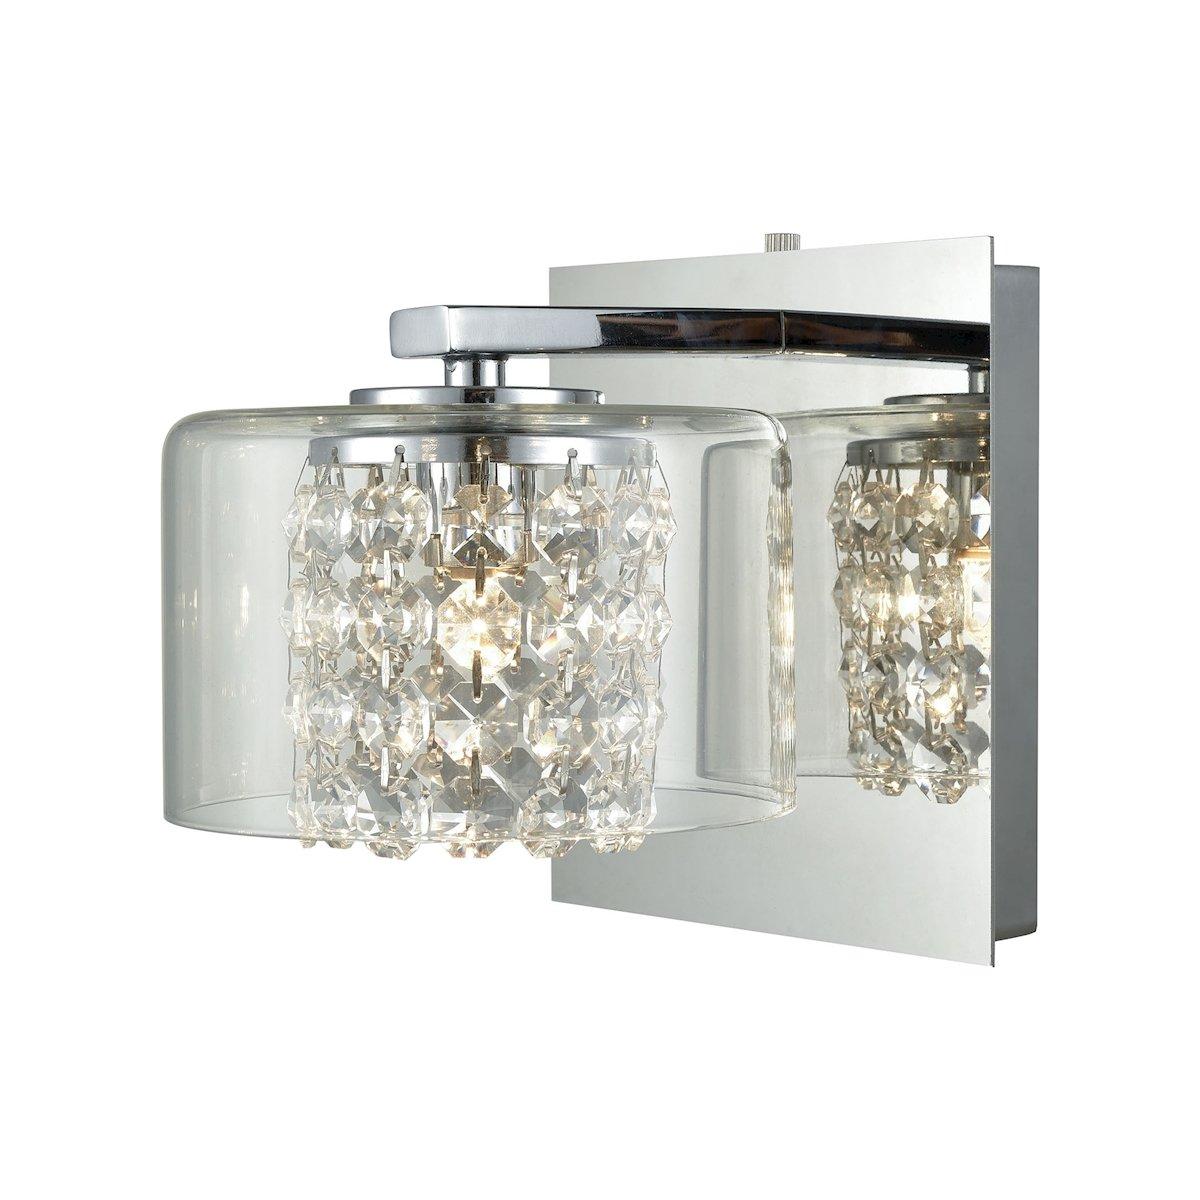 Elk lighting 32300 1 vanity lighting fixtures 5 x 6 x 7 chrome amazon com